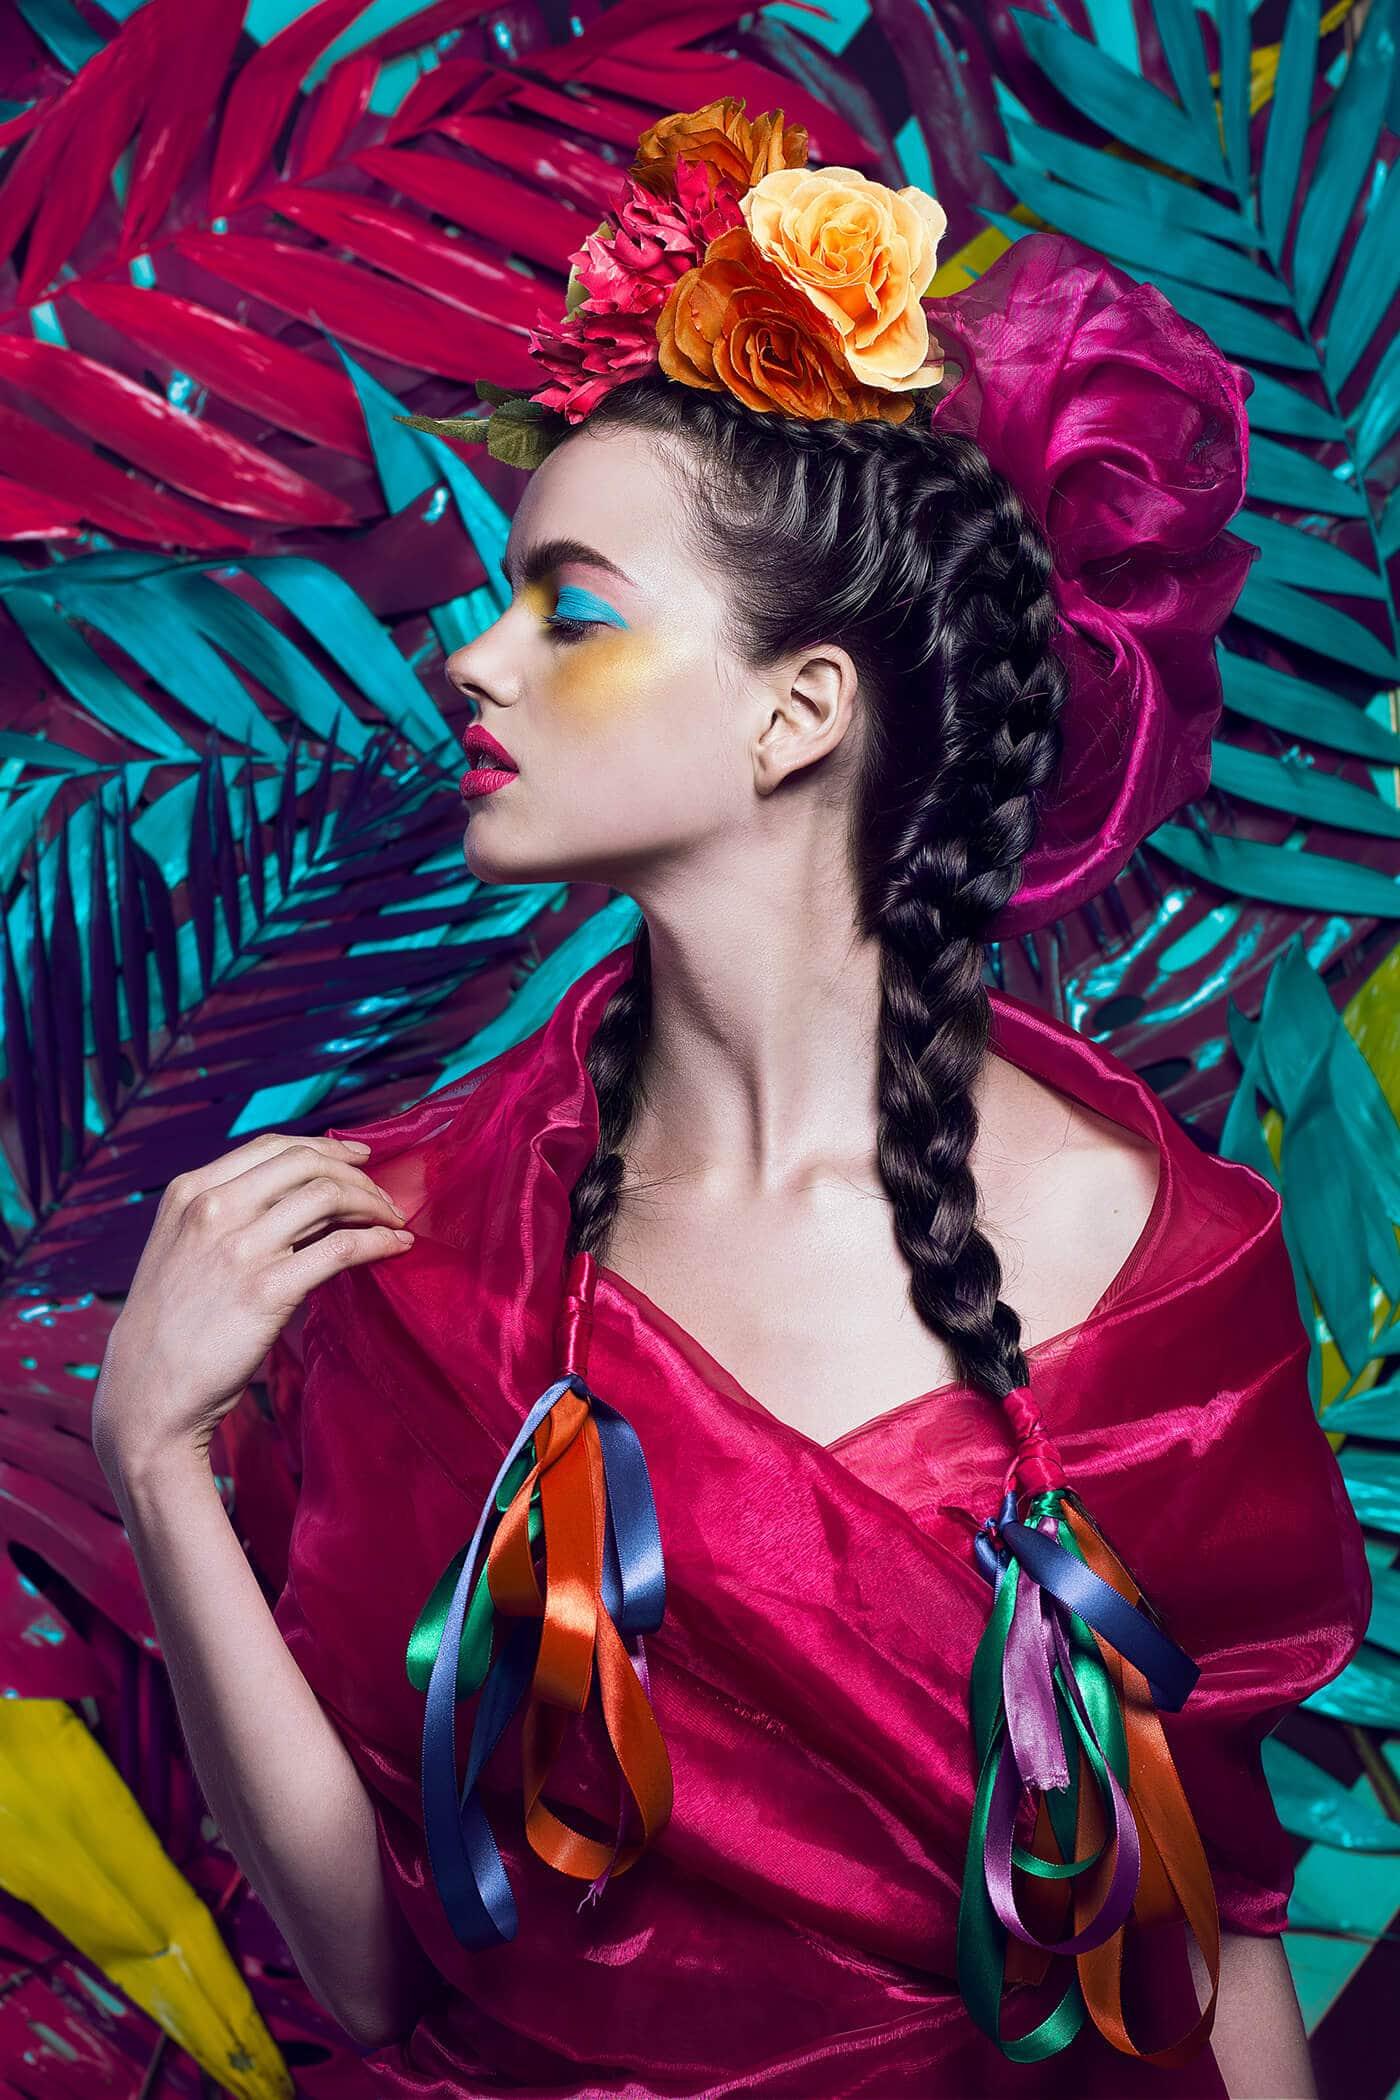 frida kahlo modern fashion icon fy 5